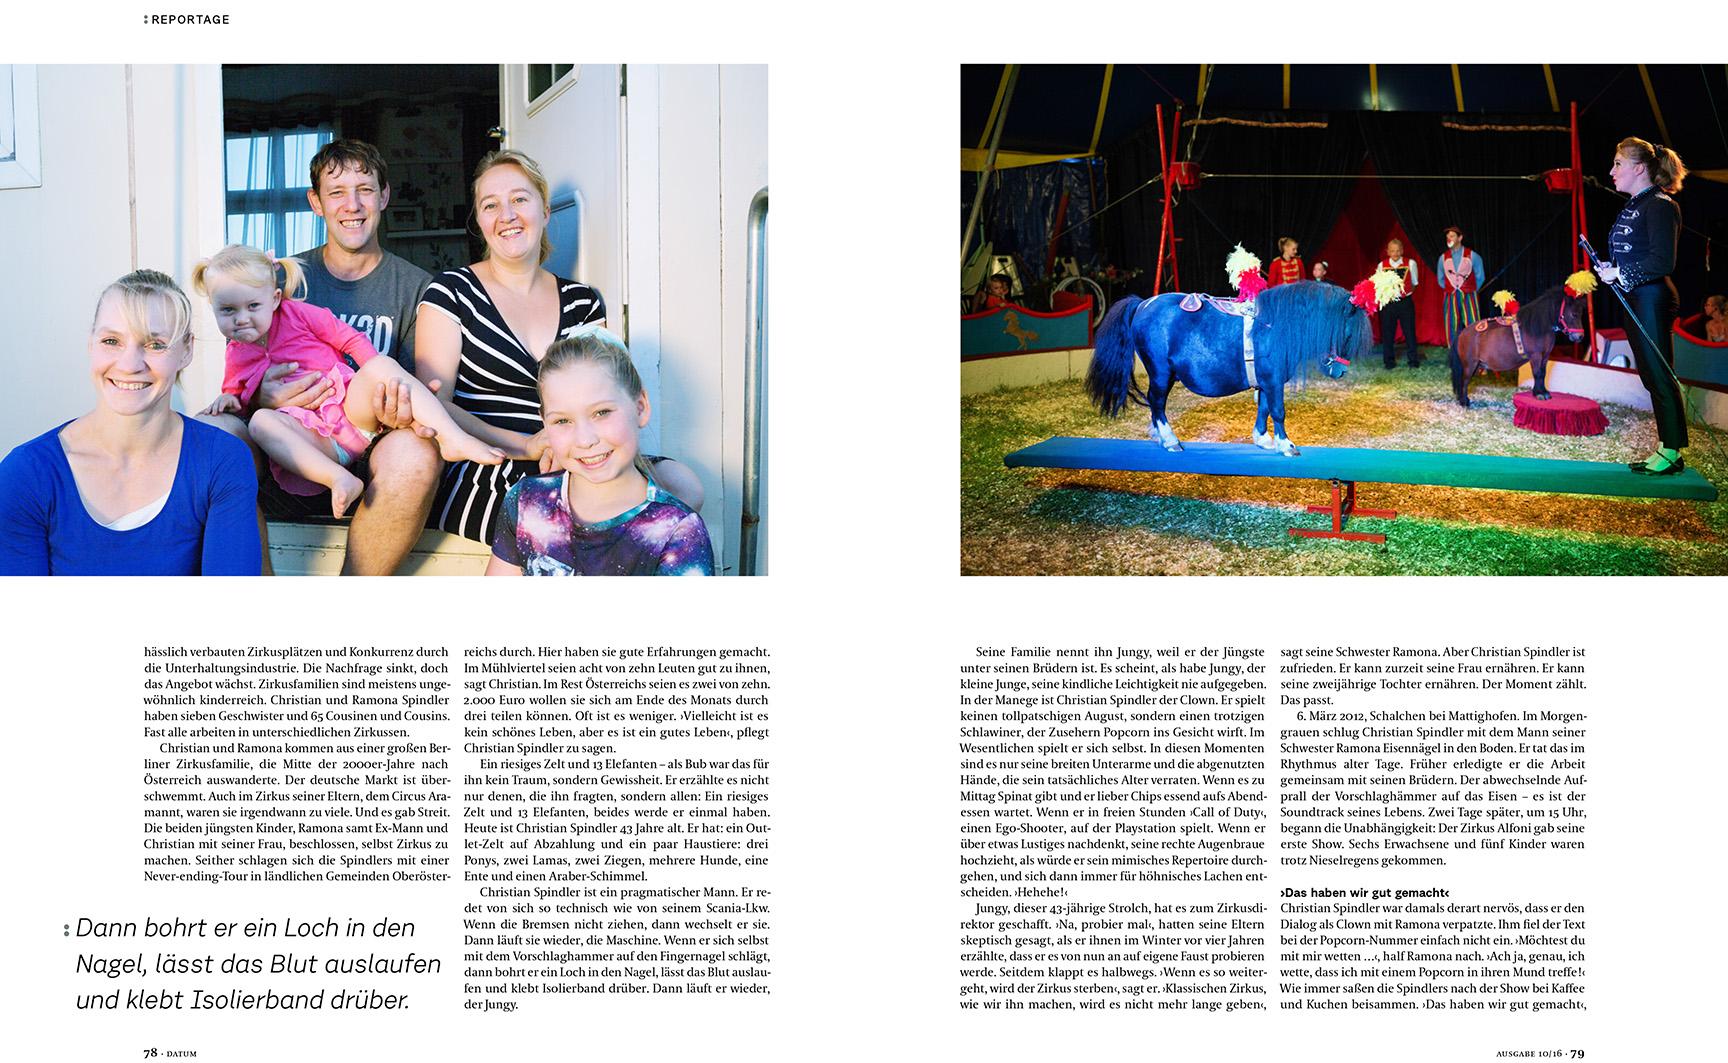 DA10-16_Zirkus-3.jpg